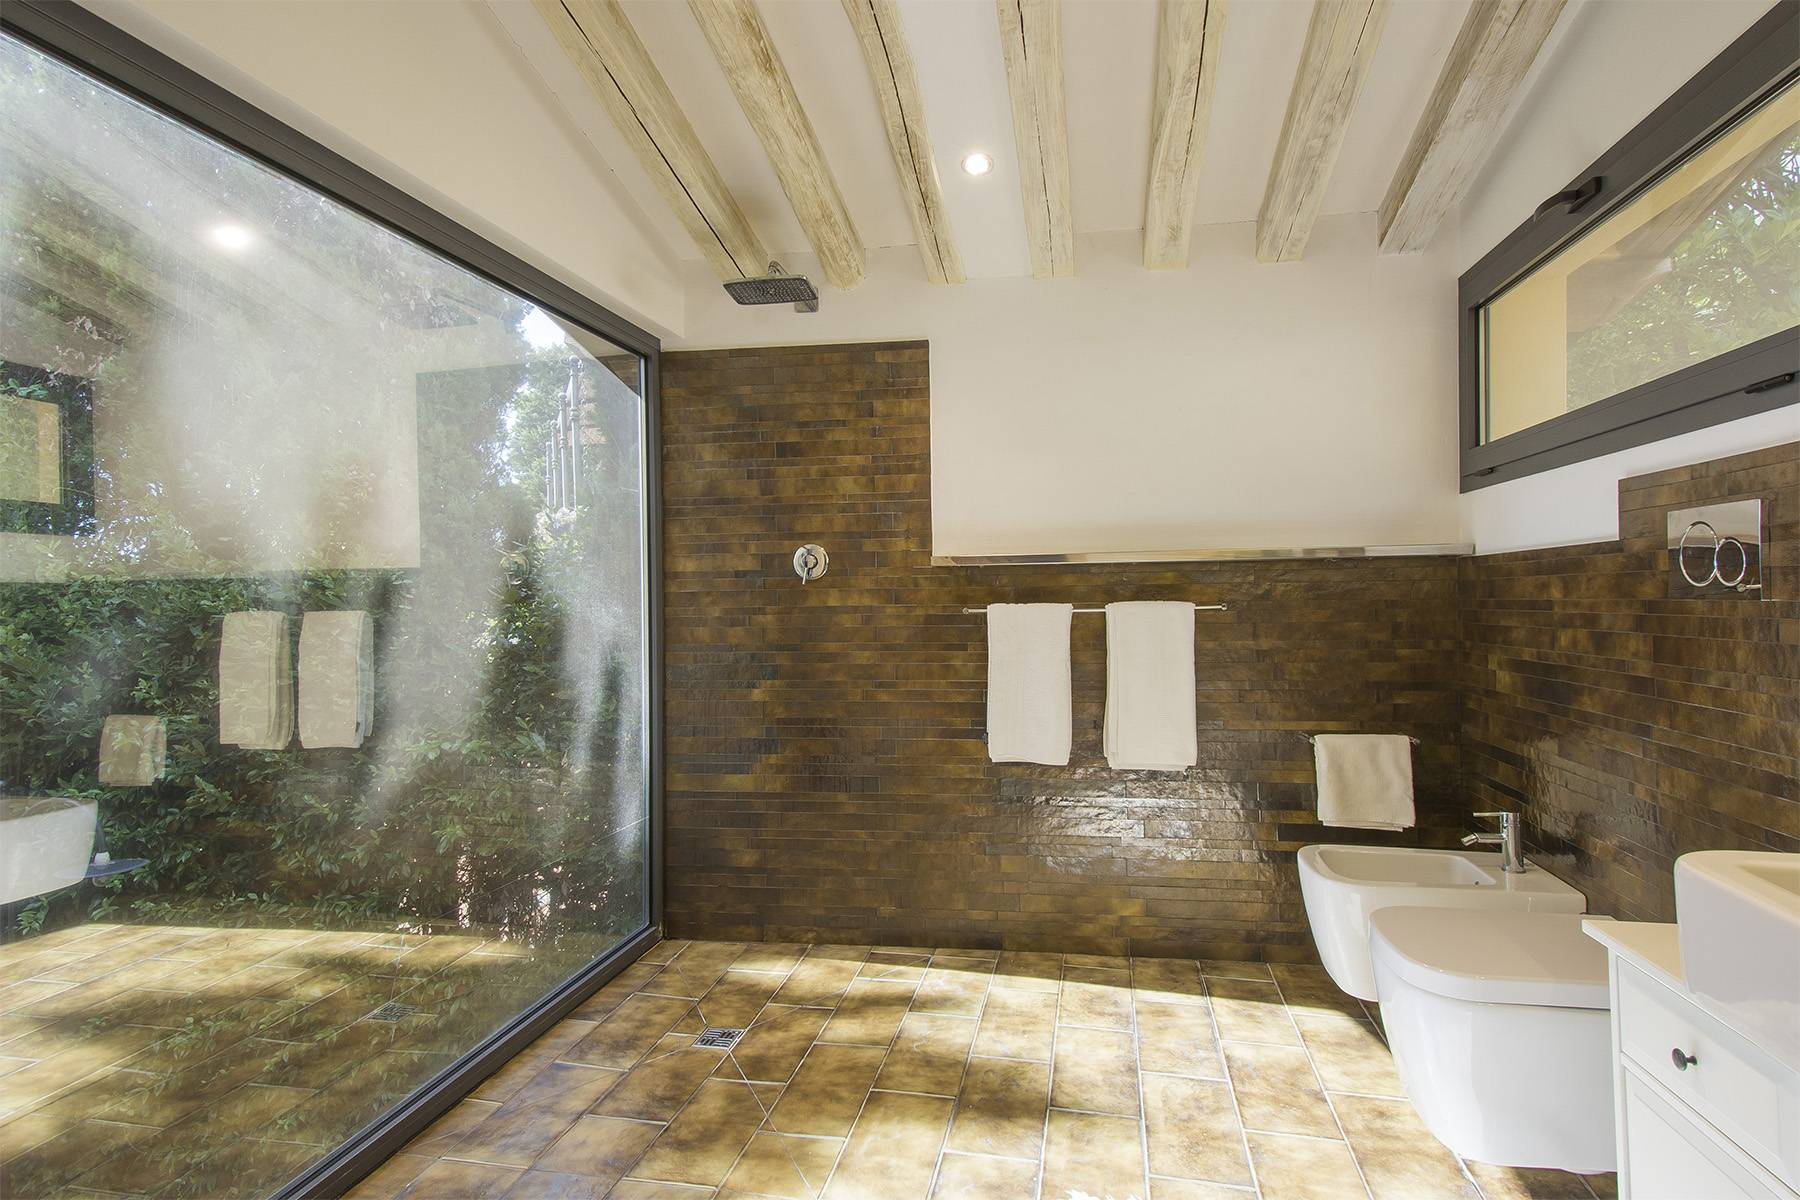 Villa in Vendita a Montecatini-Terme: 5 locali, 250 mq - Foto 10